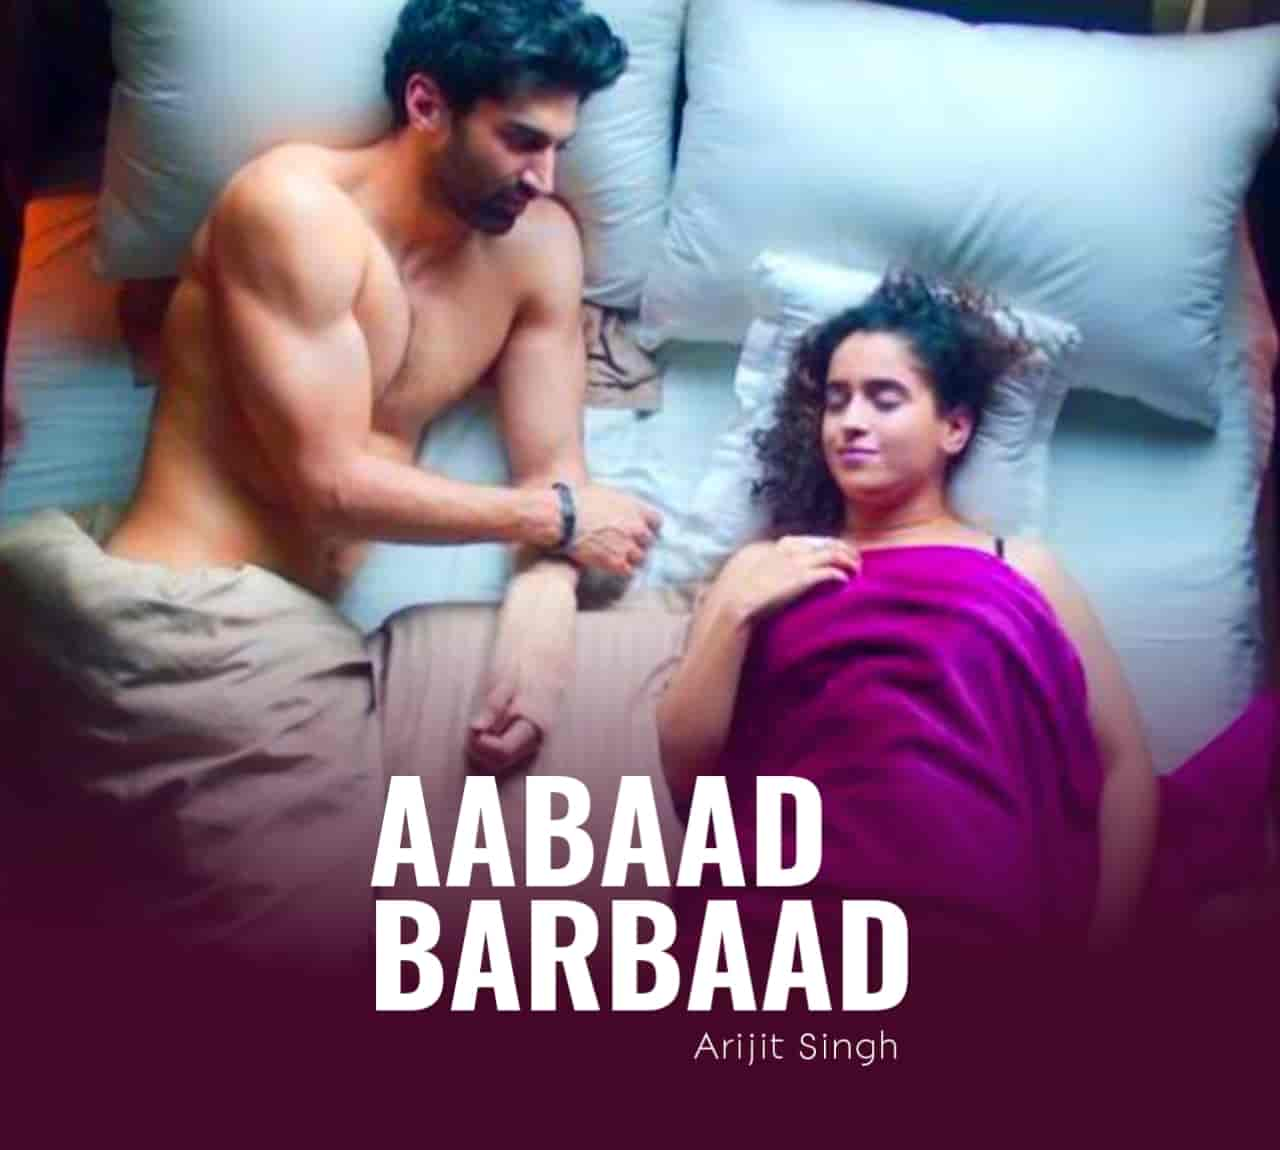 Aabaad Barbaad Love Song Lyrics, Sung By Arijit Singh